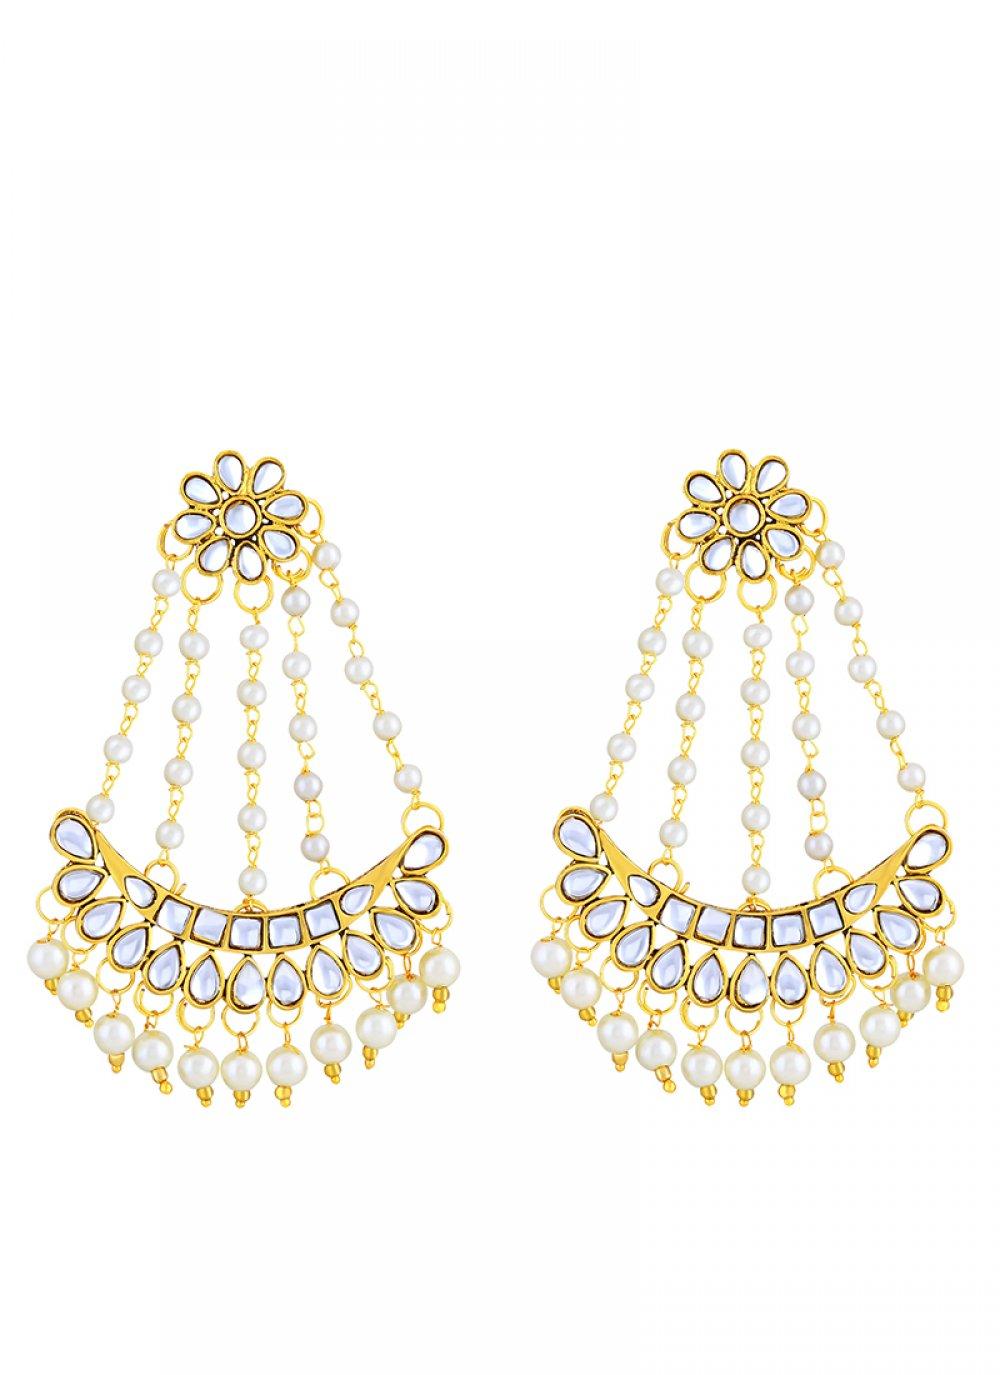 White Stone Ear Rings